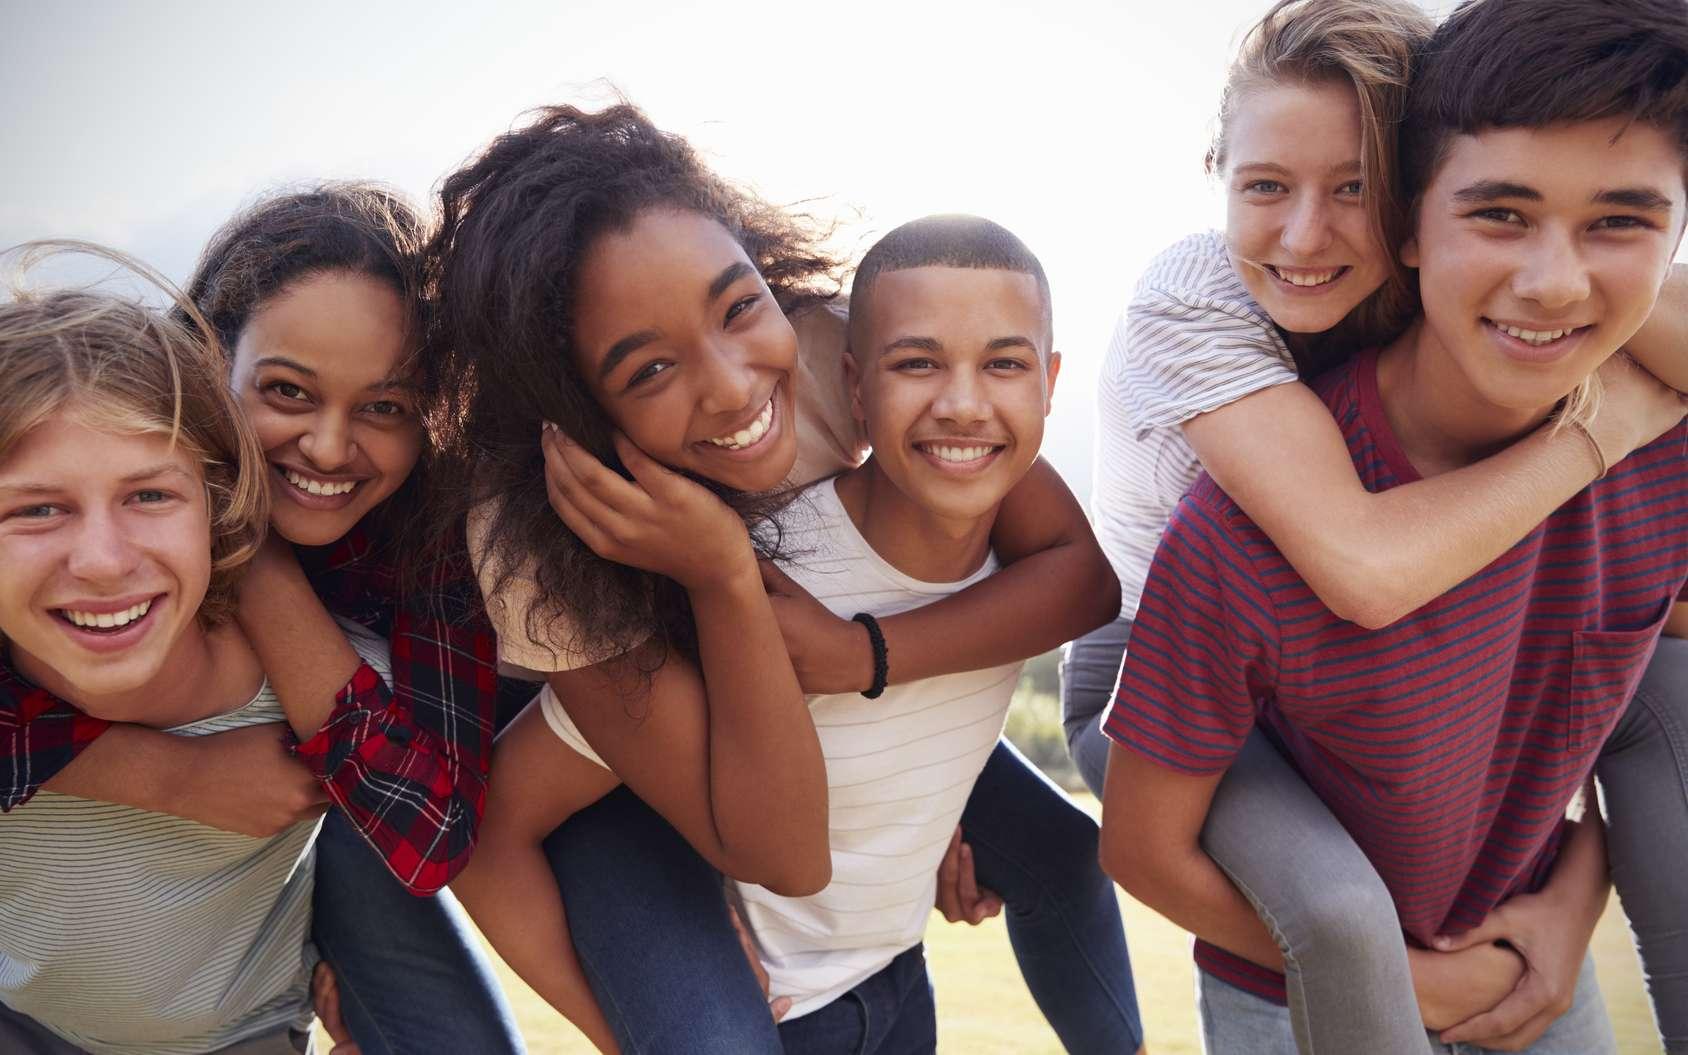 Sous l'effet des hormones, les filles et les garçons subissent une mue de leur voix à l'adolescence. © Monkey Business, fotolia